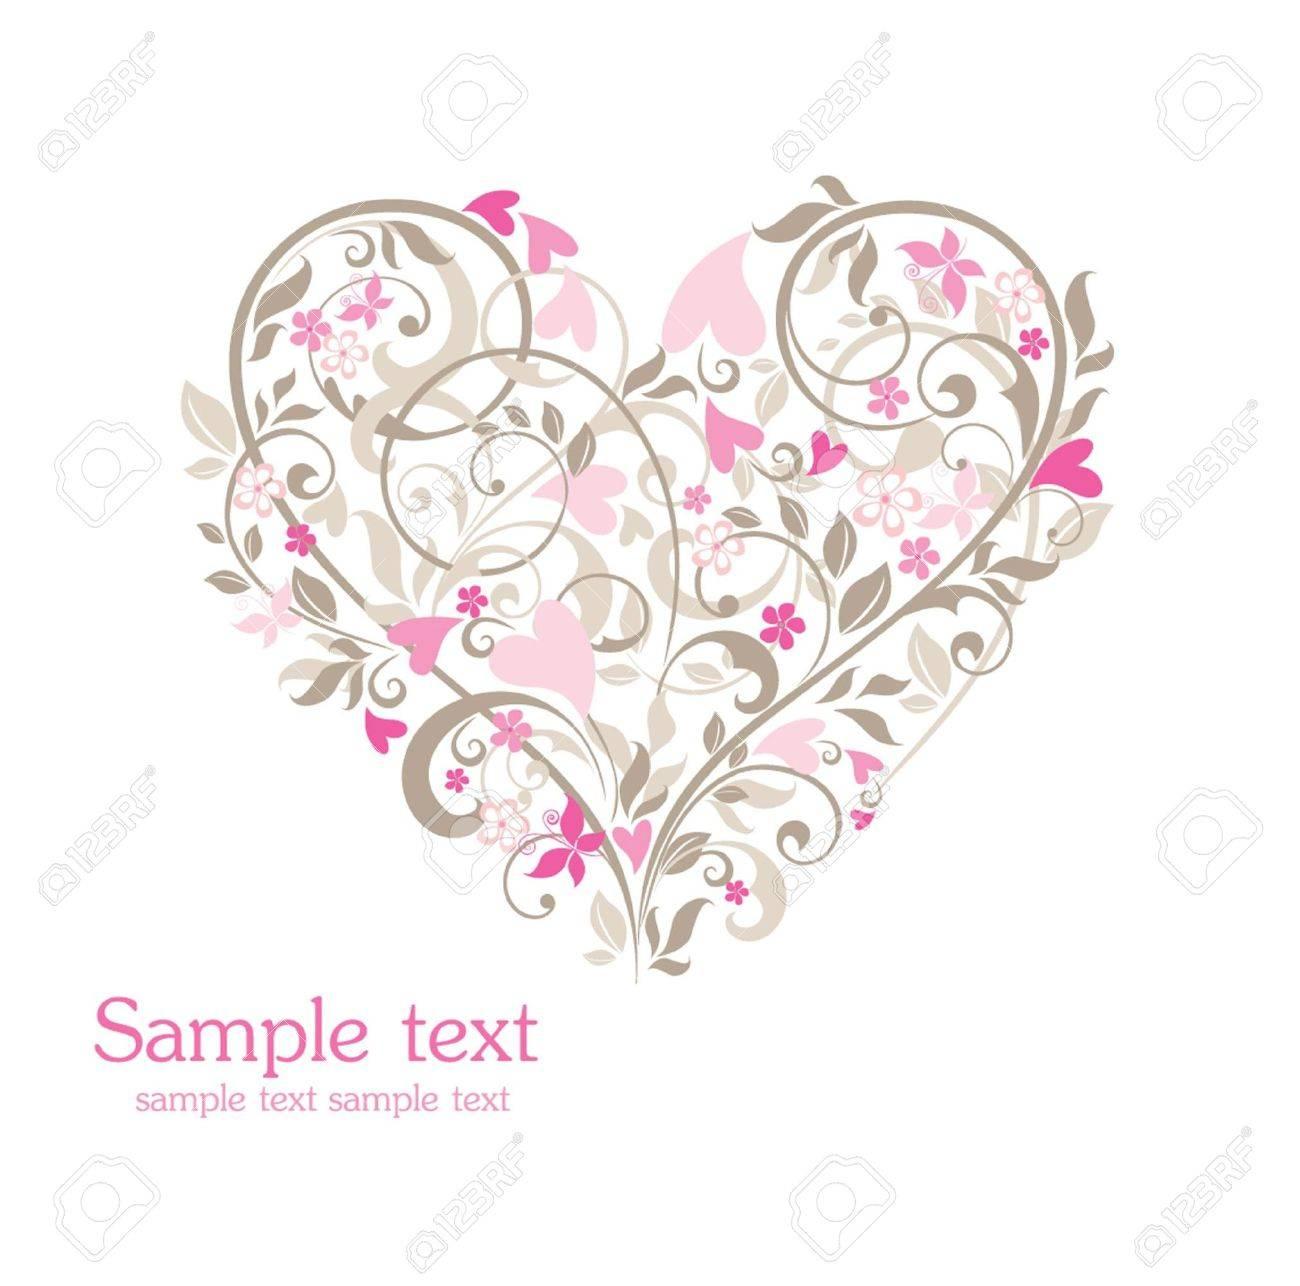 かわいいお花のハートのイラスト素材ベクタ Image 18972828